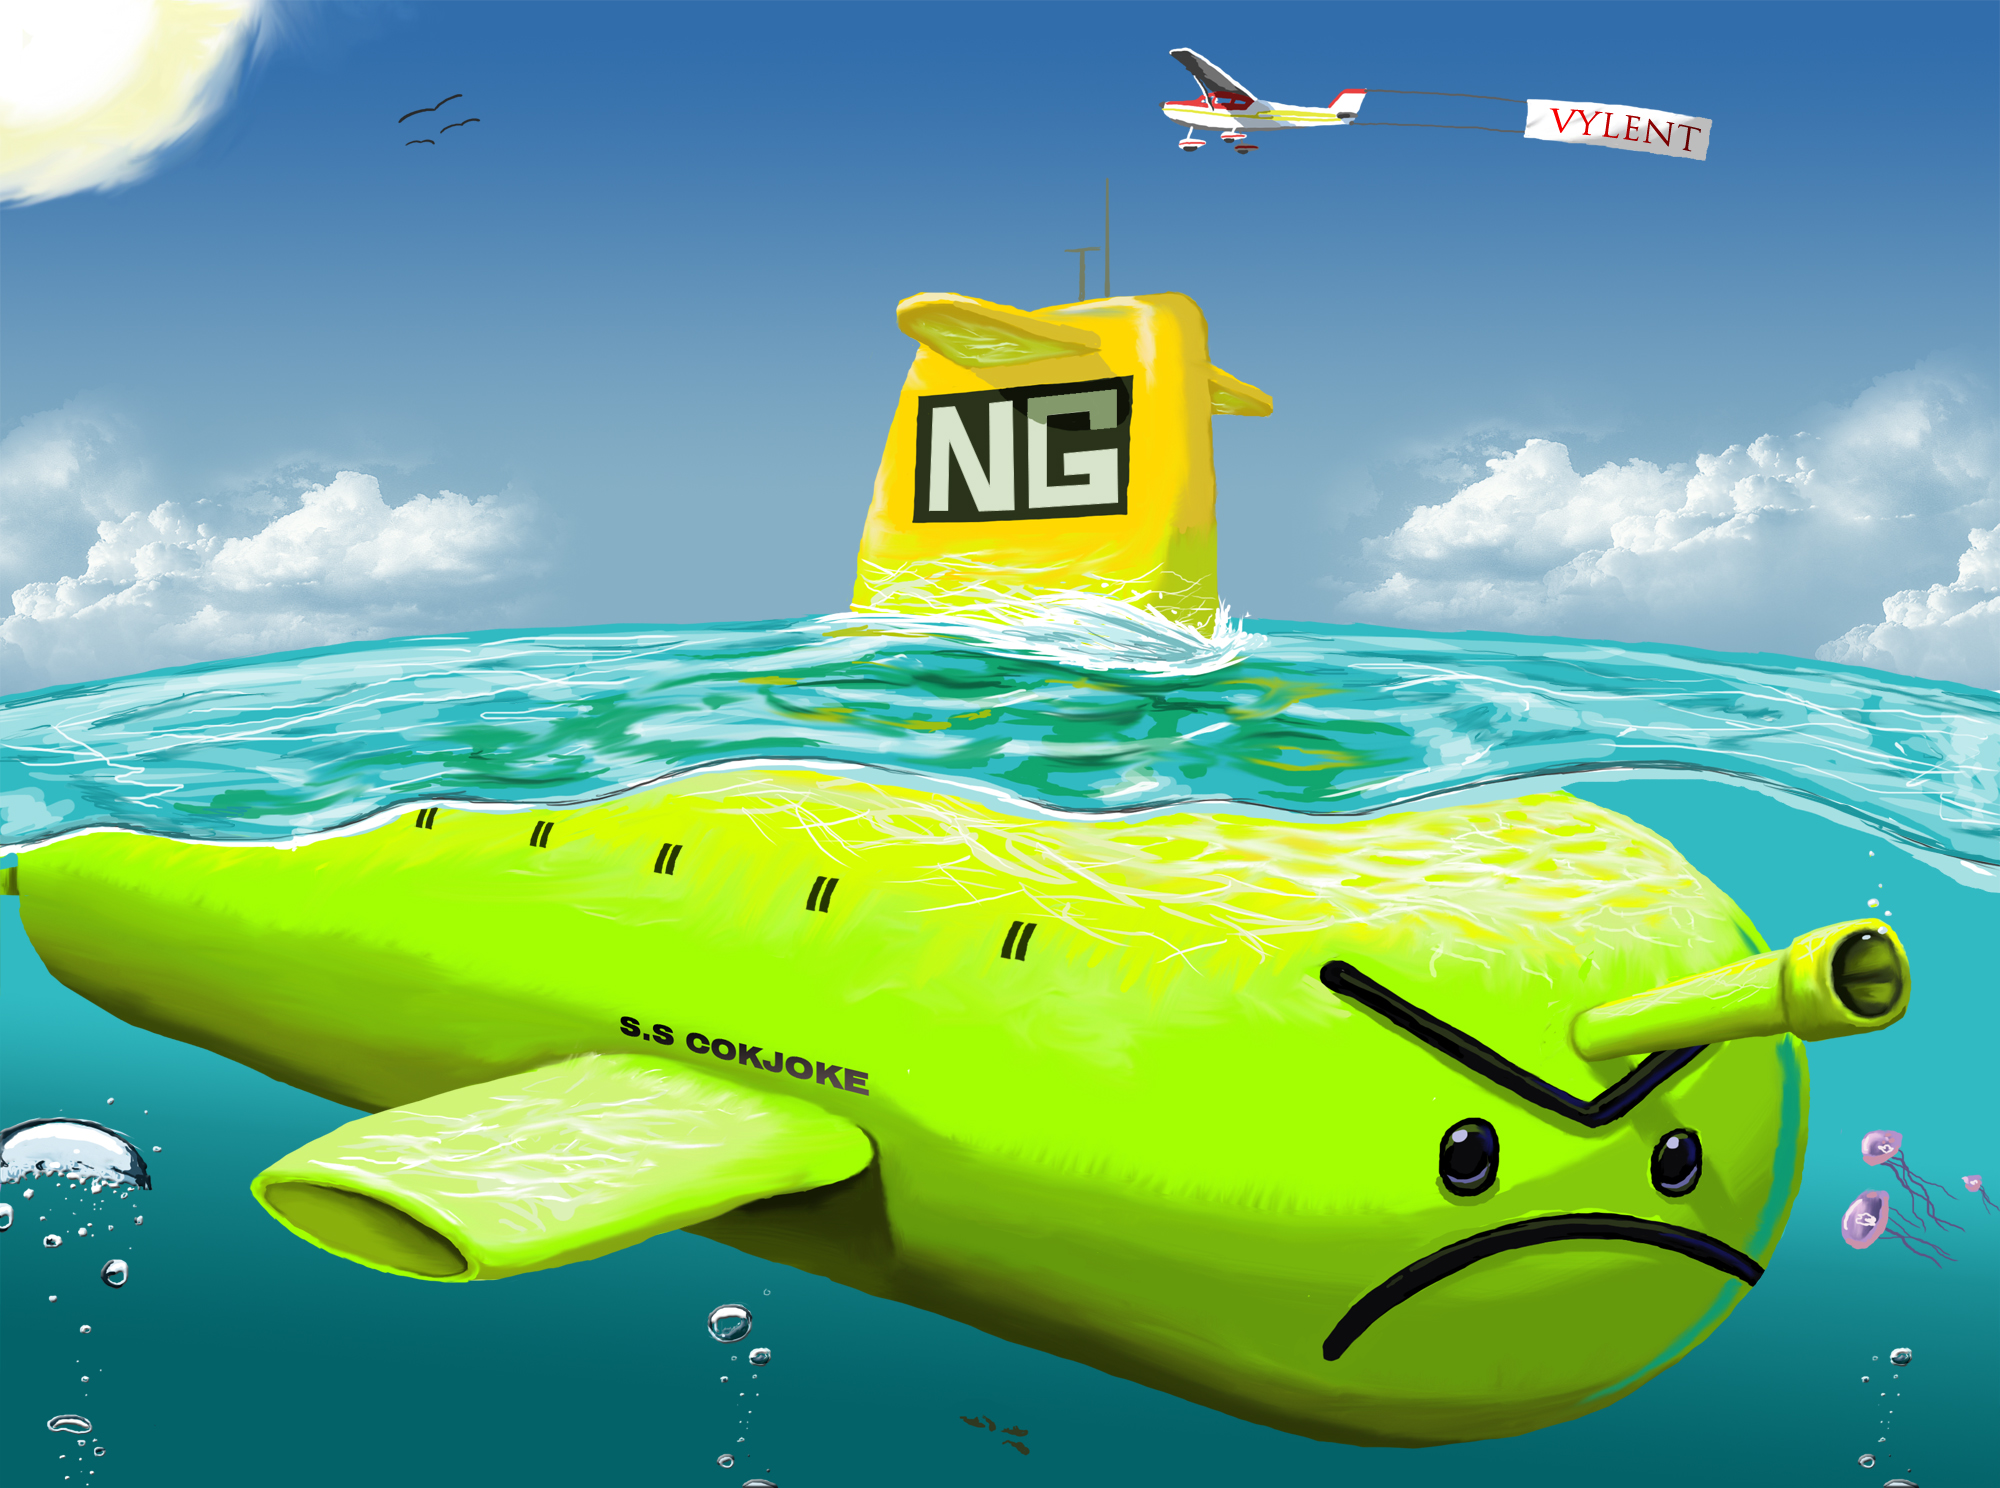 The NG Sub